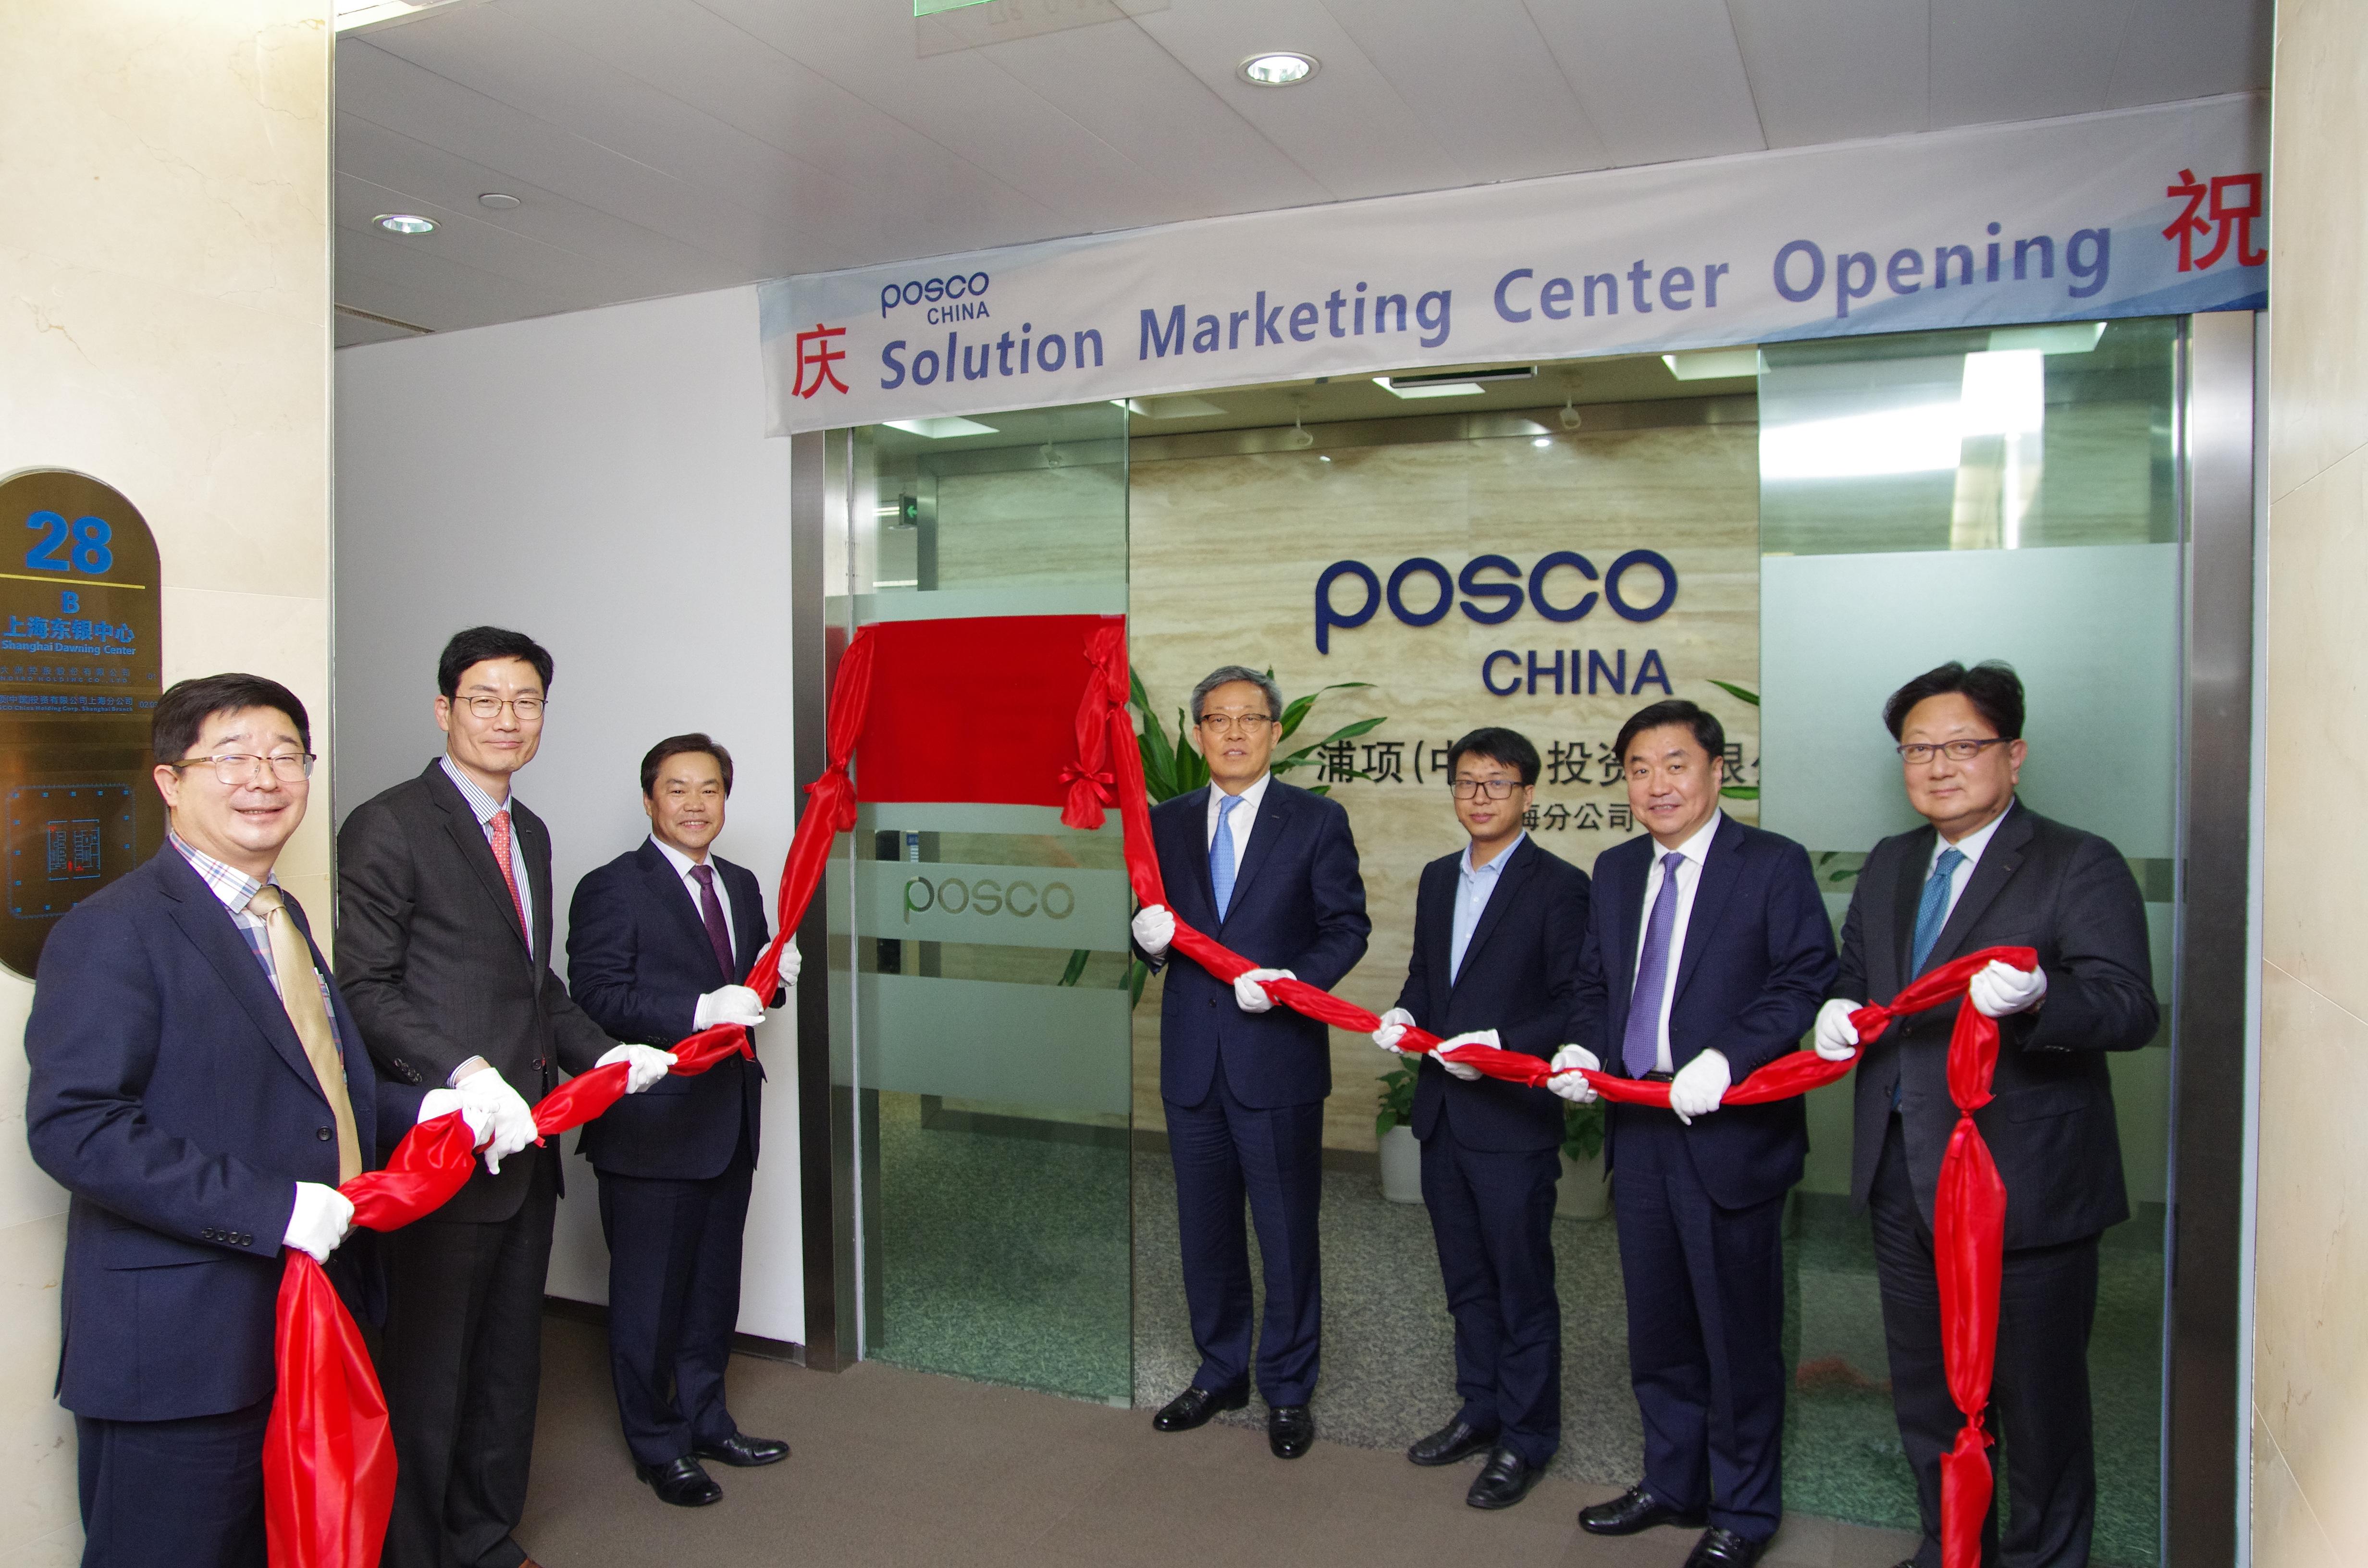 posco china solution marketing center opening posco china 중국 솔루션센터 설립 행사 모습 . 빨간 천을 들고 있는 7분이 계신다.